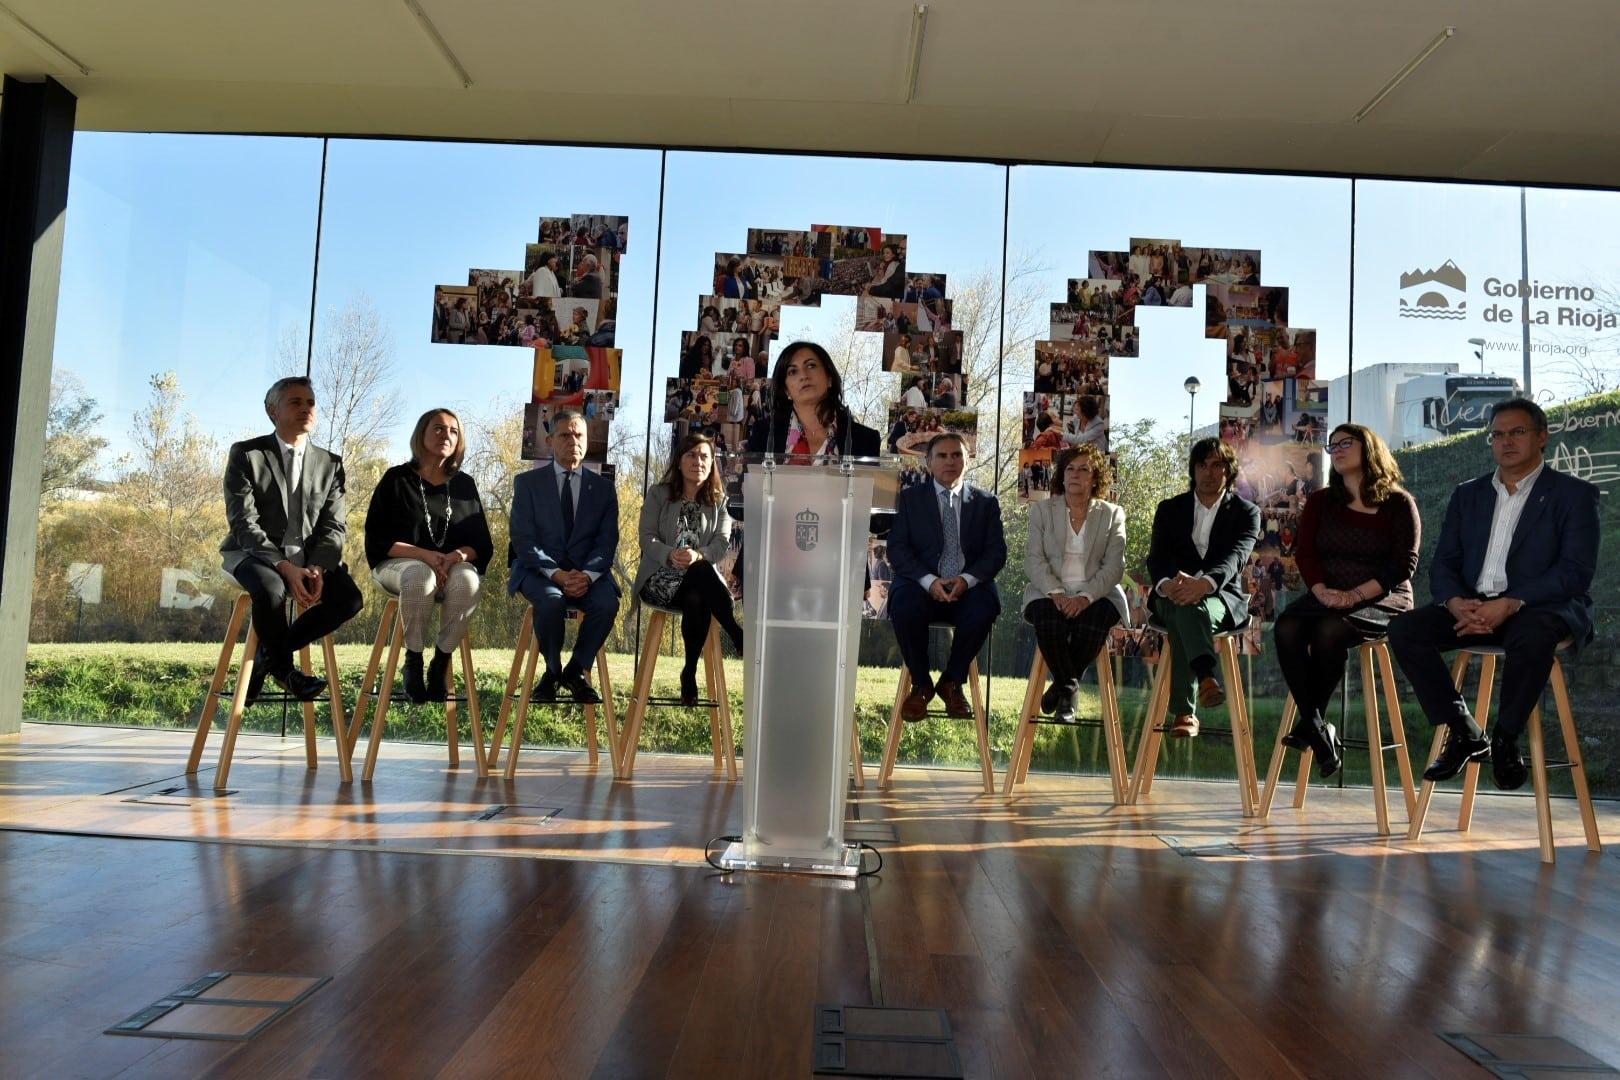 """Andreu valora sus primeros 100 días: """"Si queríamos que algo cambiara, debíamos soñarlo y proyectarlo, hacerlo real"""" 1"""